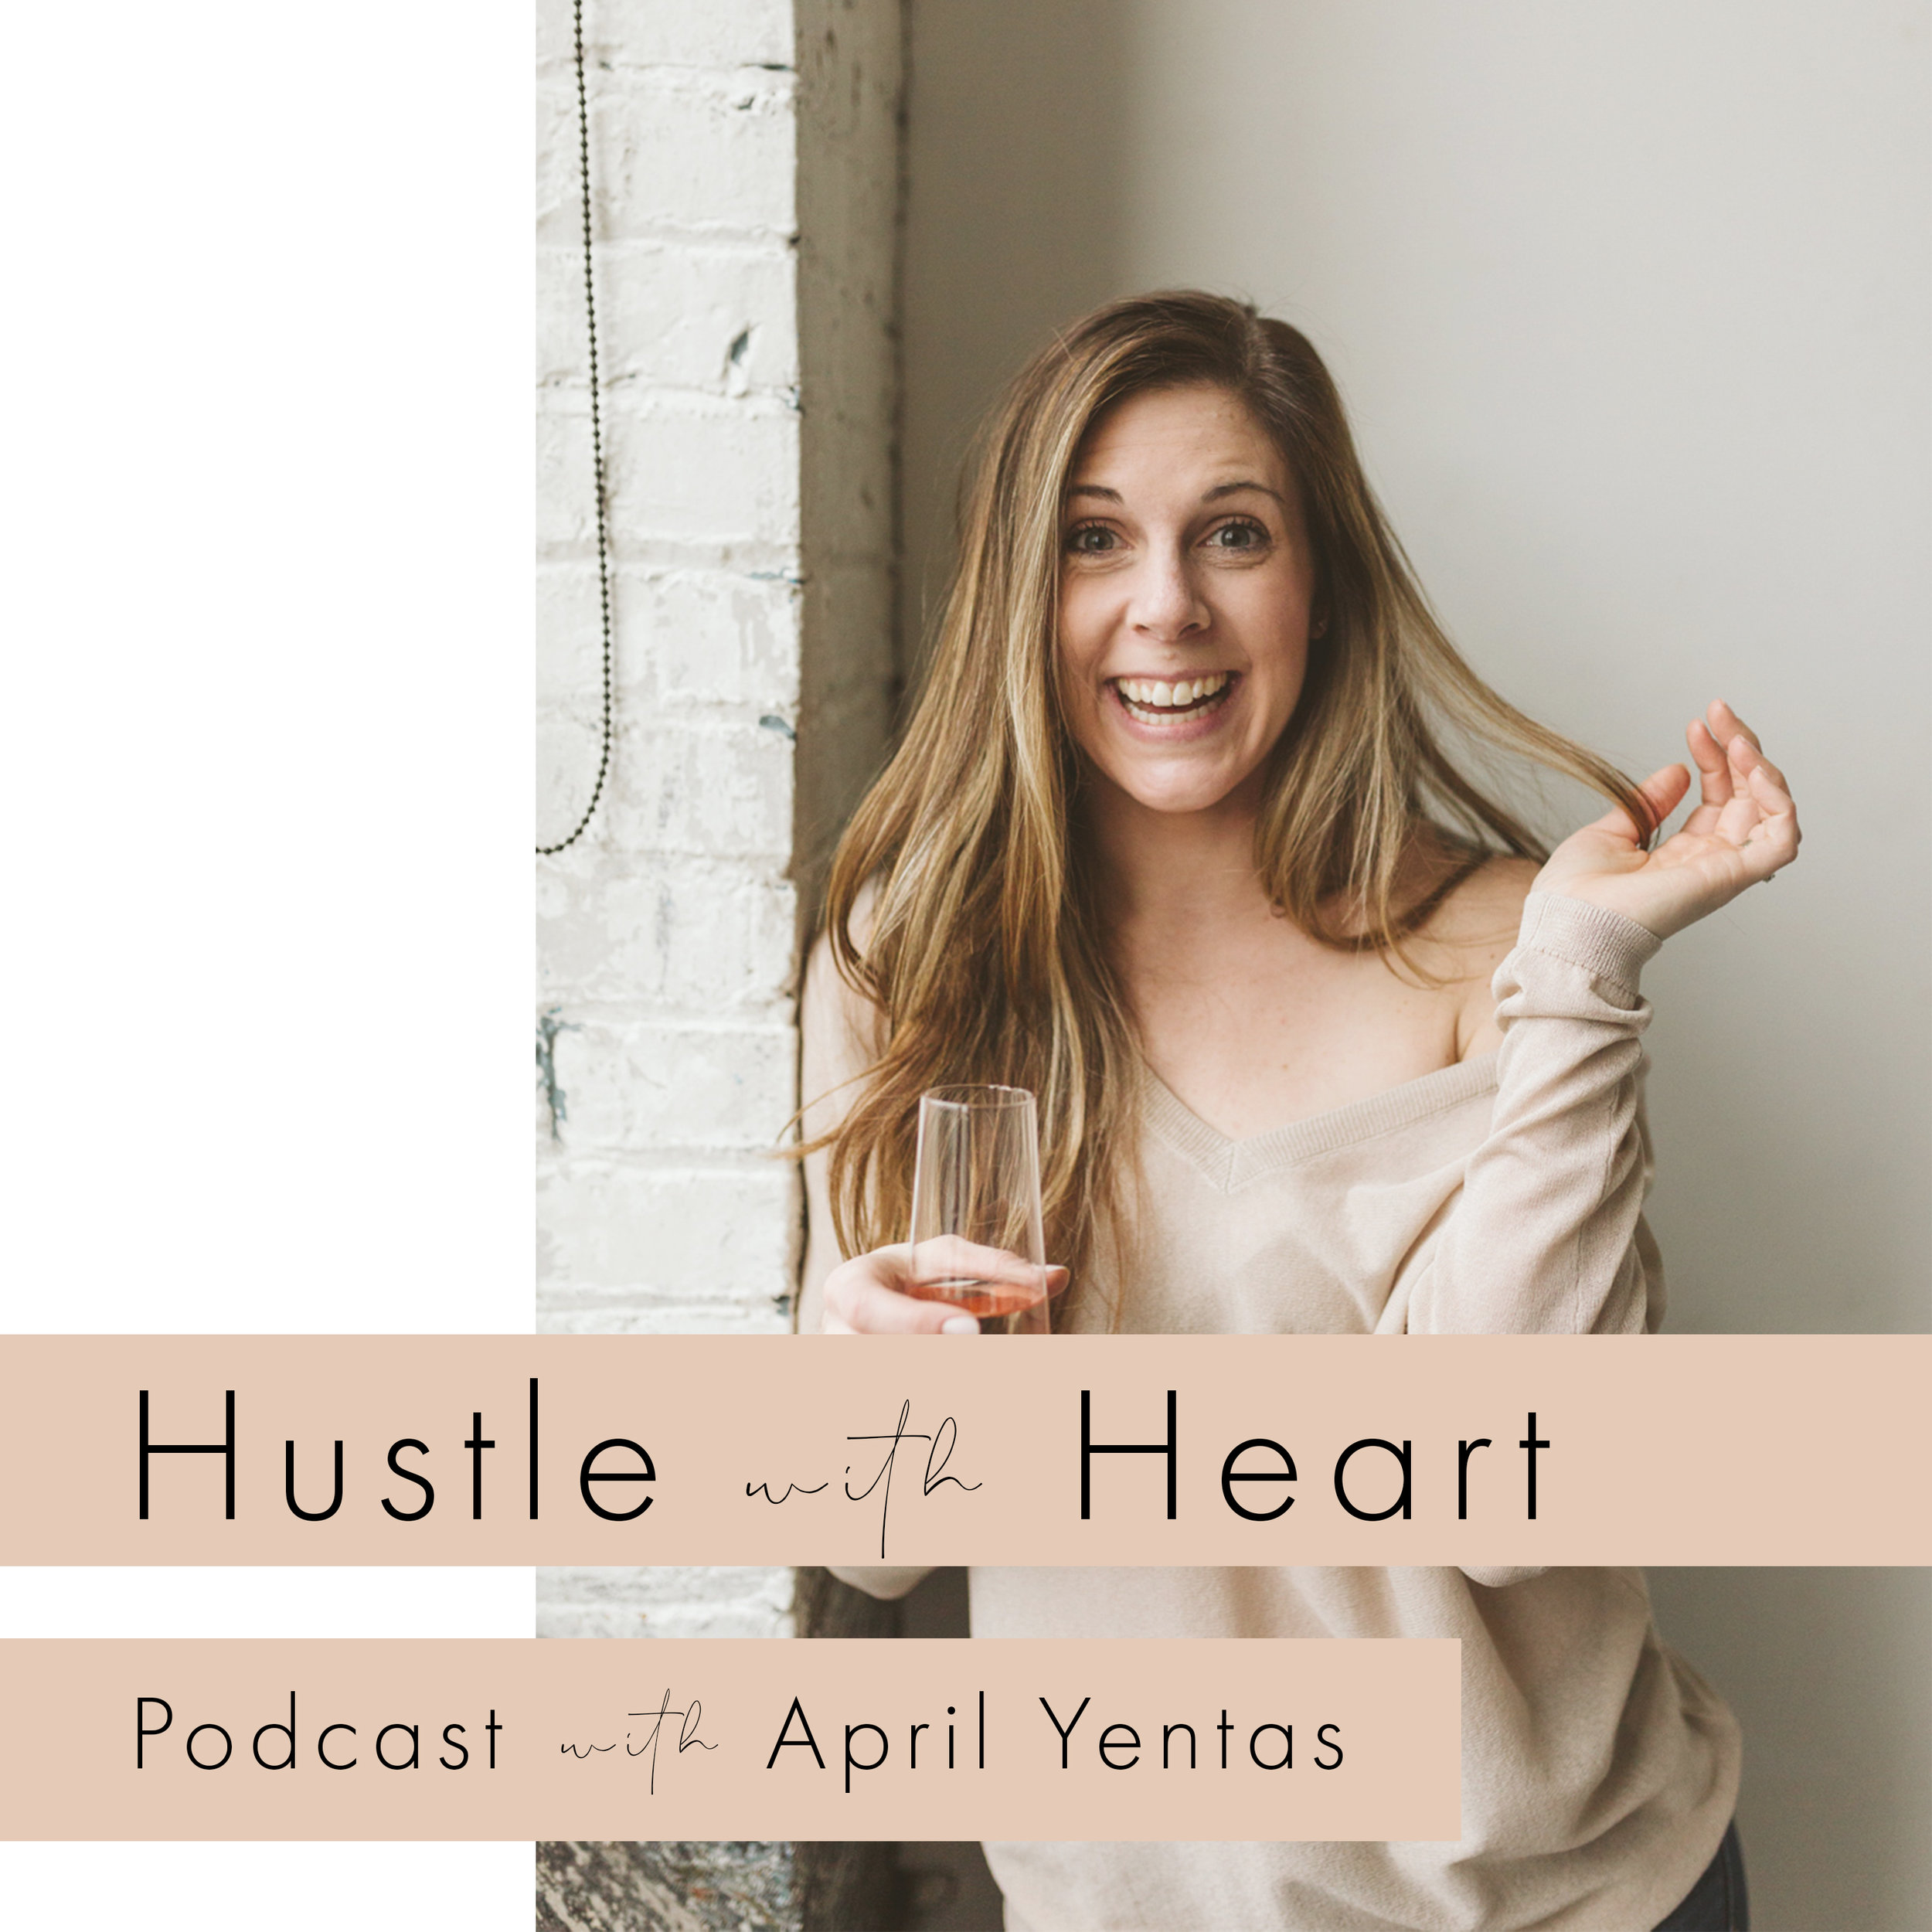 hustle with heart podcast, self development podcast, creative entrepreneurship